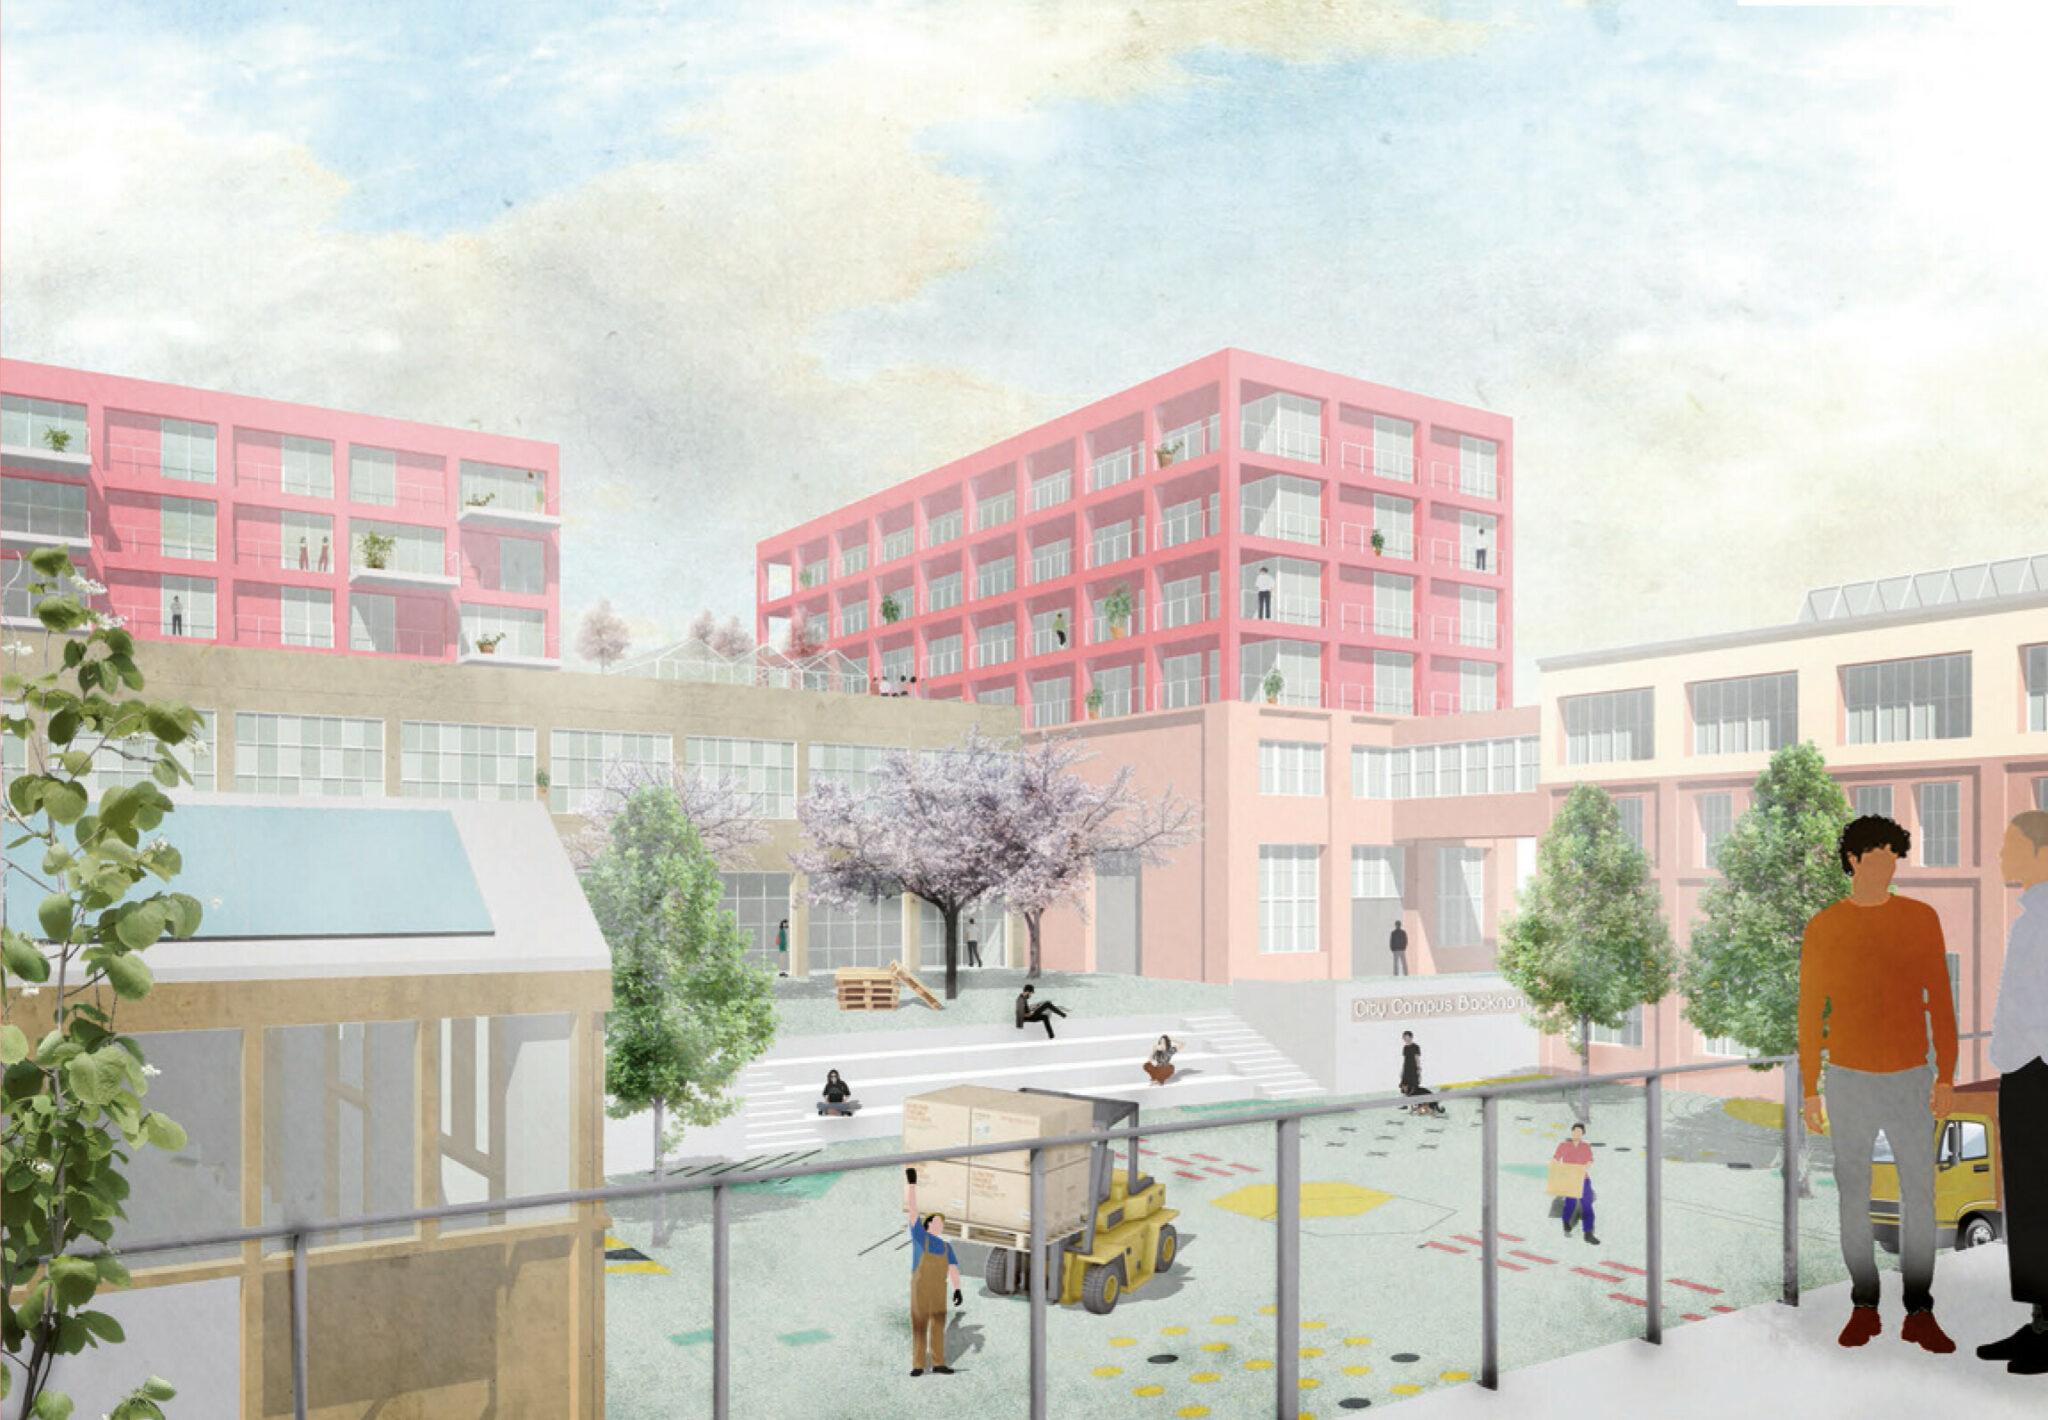 Wettbewerb »Quartier Backnang West«: Visualisierung des CityCampus: Produktiver Hof mit Forschung, Gewerbe und Wohnen (Bild: Teleinternetcafe/Treibhaus)